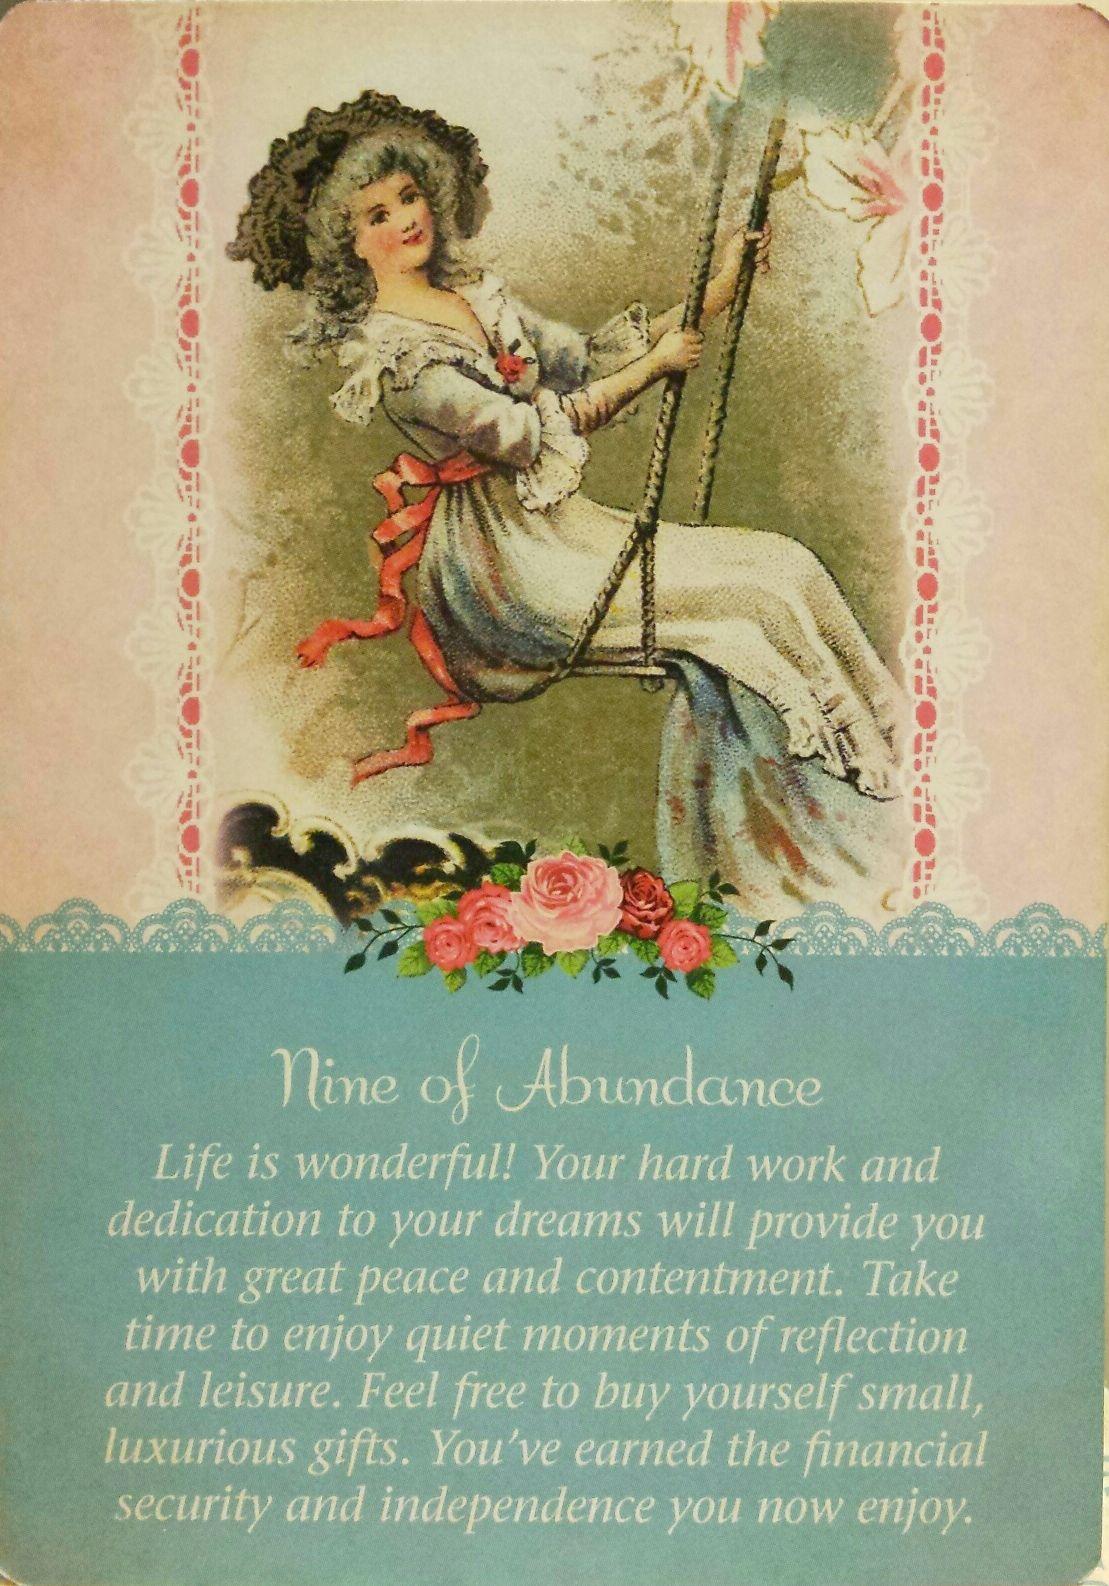 nine-of-abundance